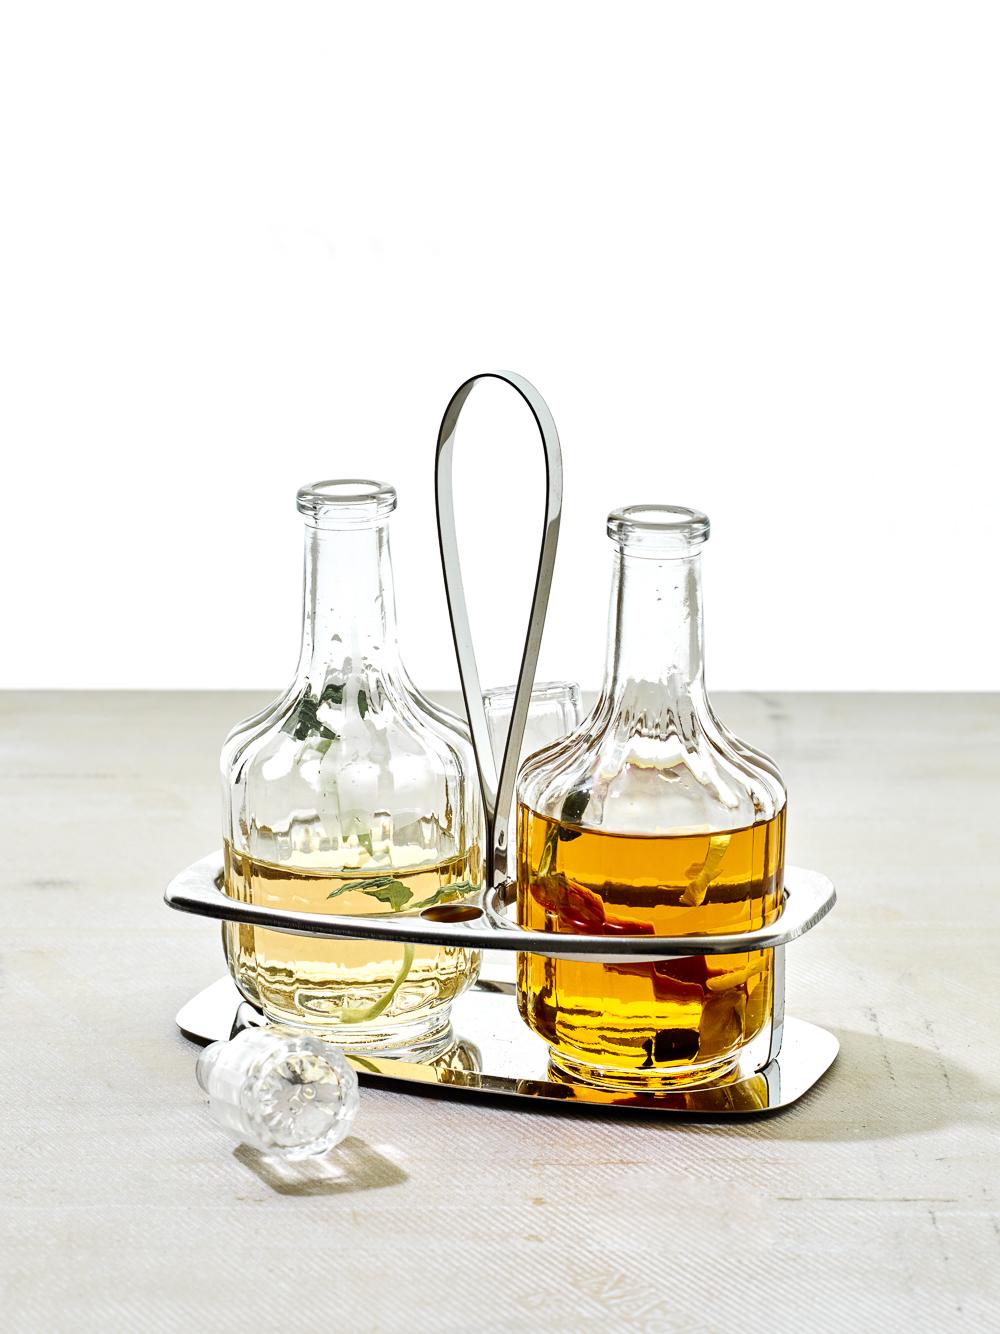 Olja & vinägerset